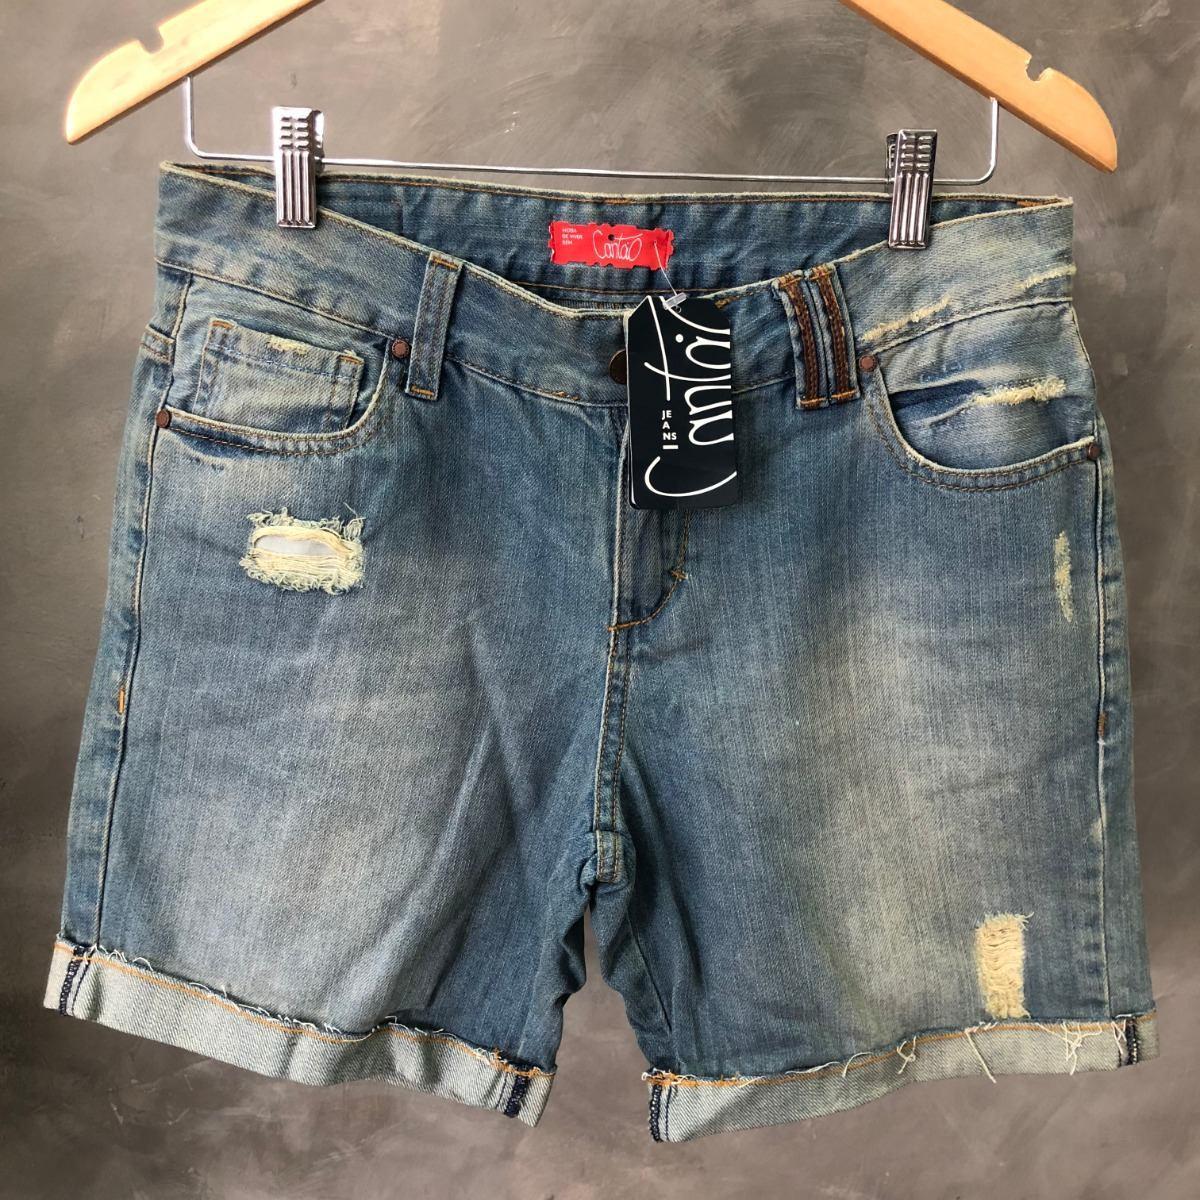 33907f23c Shorts Feminino Cantão Jeans Destroyed Oferta 013 - R$ 169,00 em ...